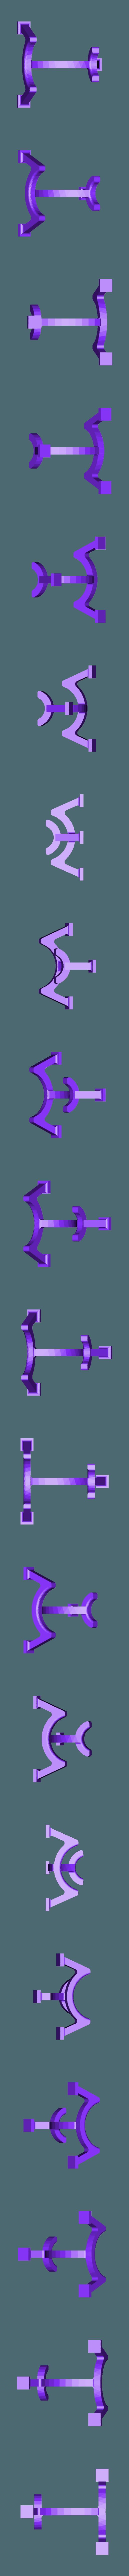 soporte_pipa.stl Télécharger fichier STL gratuit Support de tuyau de fumage • Objet pour impression 3D, raulrrojas